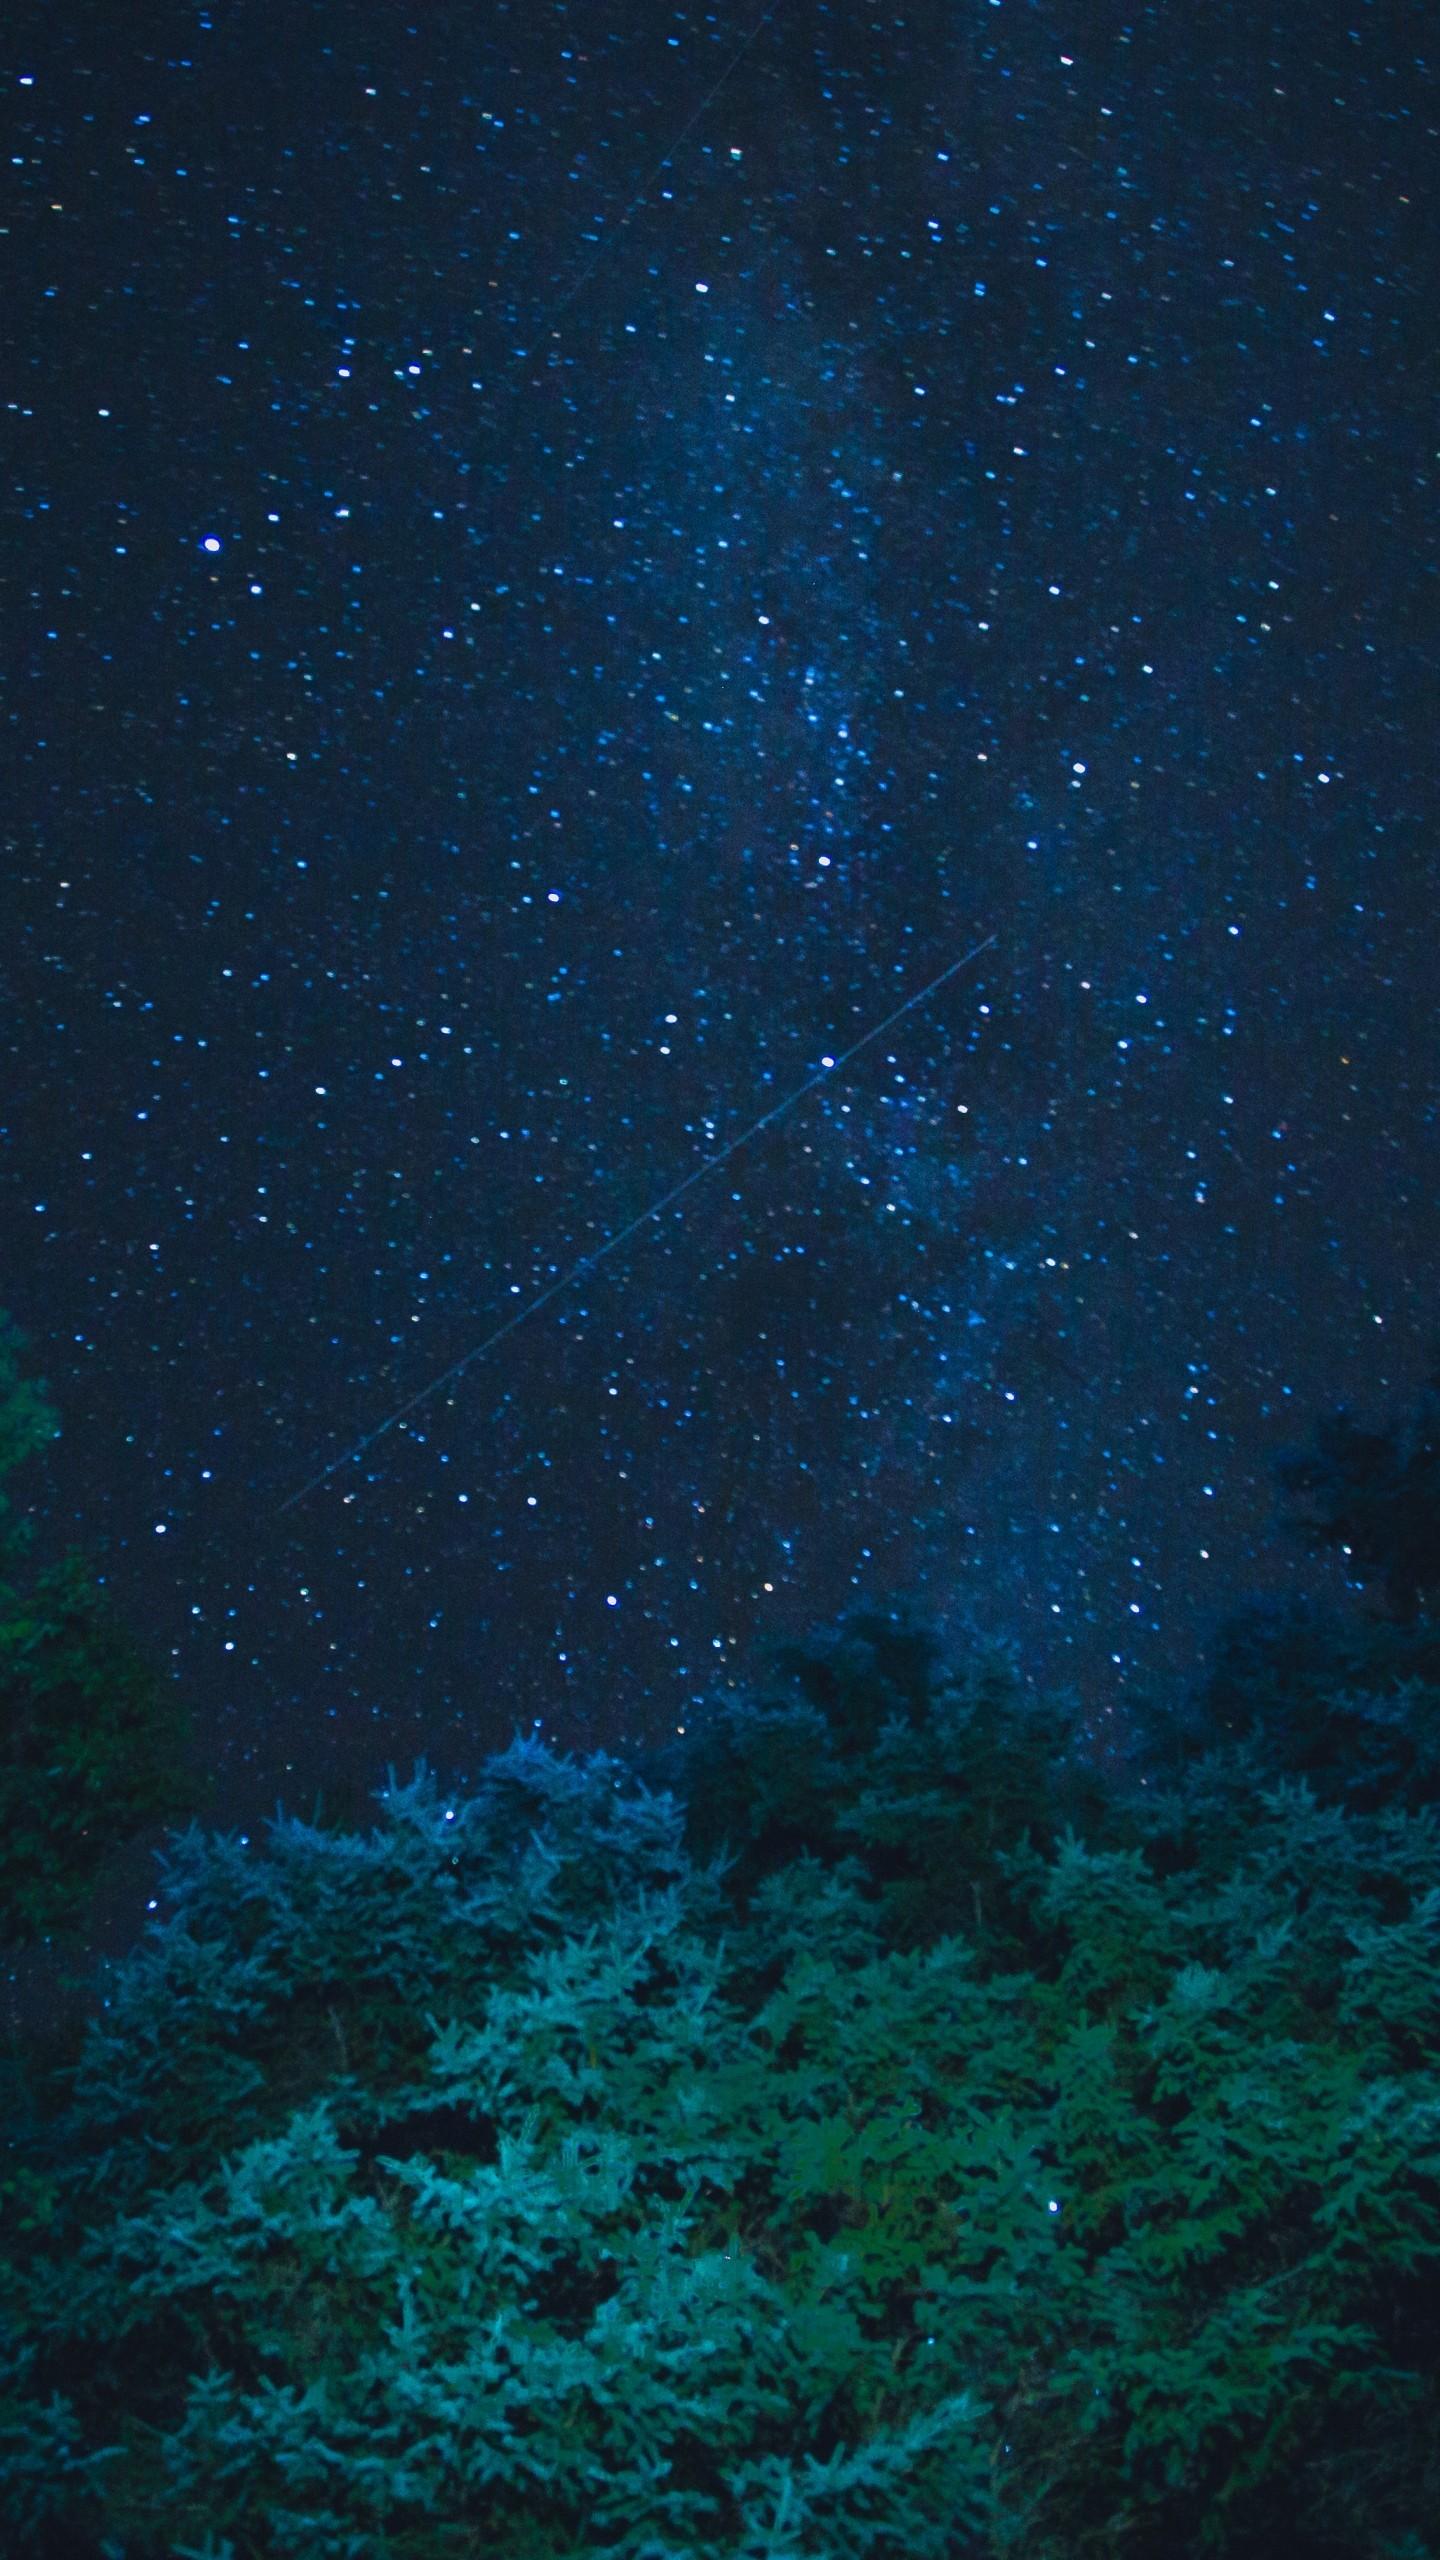 такое картинки звезды на небе на смартфон них